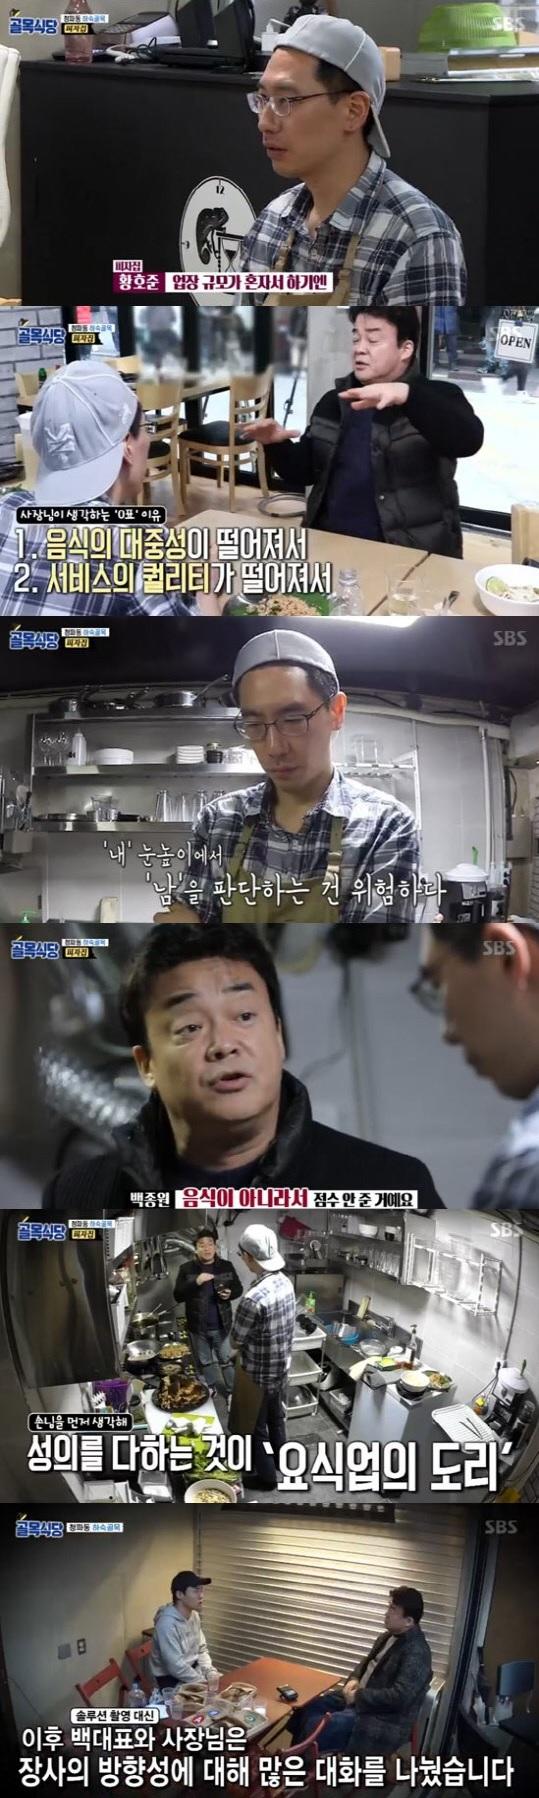 '골목식당' 백종원, 논란의 피자·고로케집 포기...촬영 종료